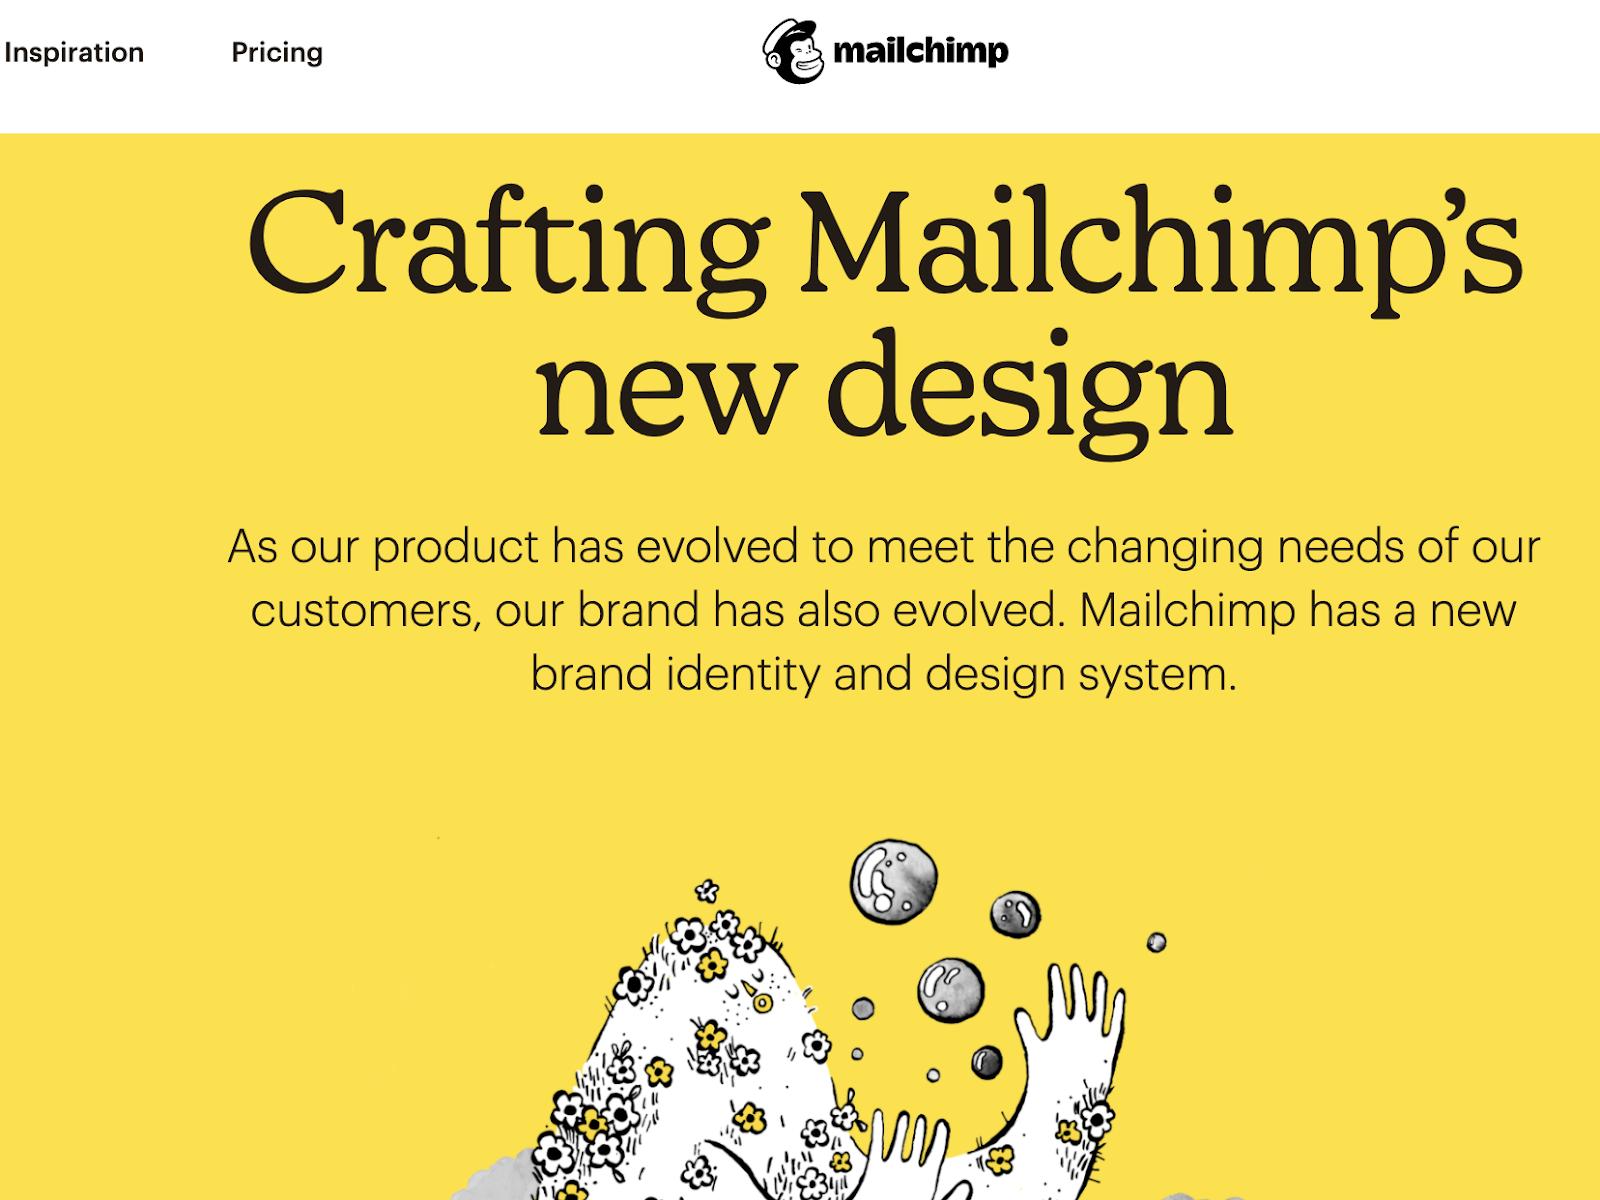 mailchimp design system image